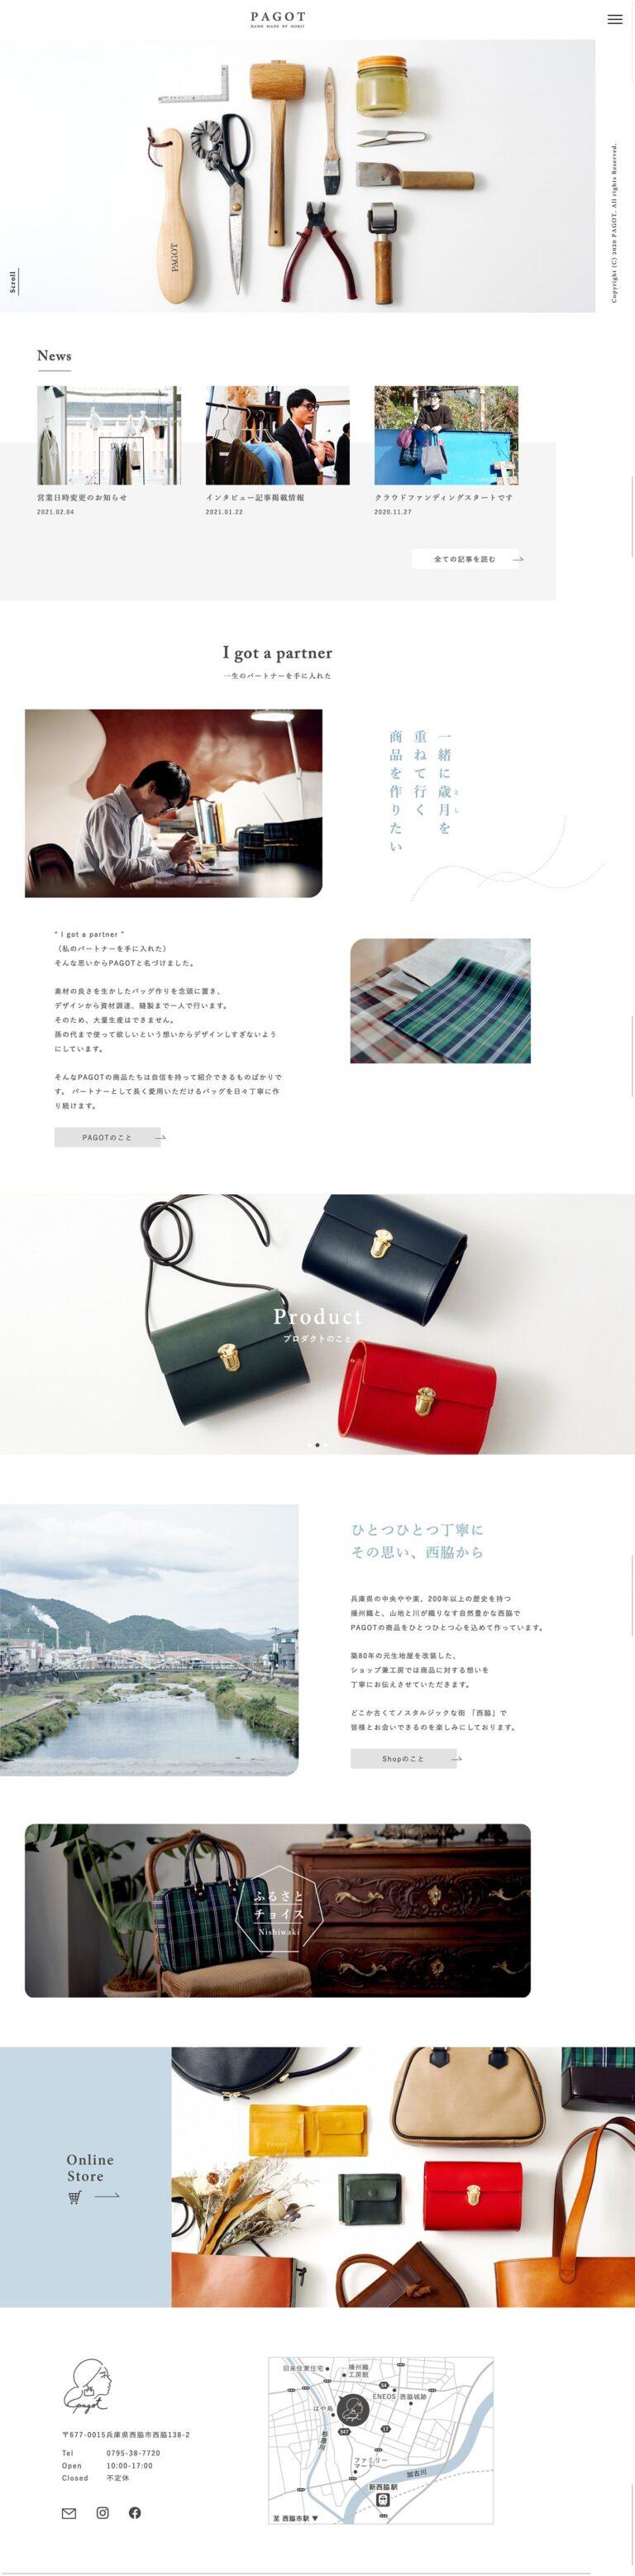 PAGOT | 一人の鞄職人が作る、日々の暮らしを彩るバッグブランド